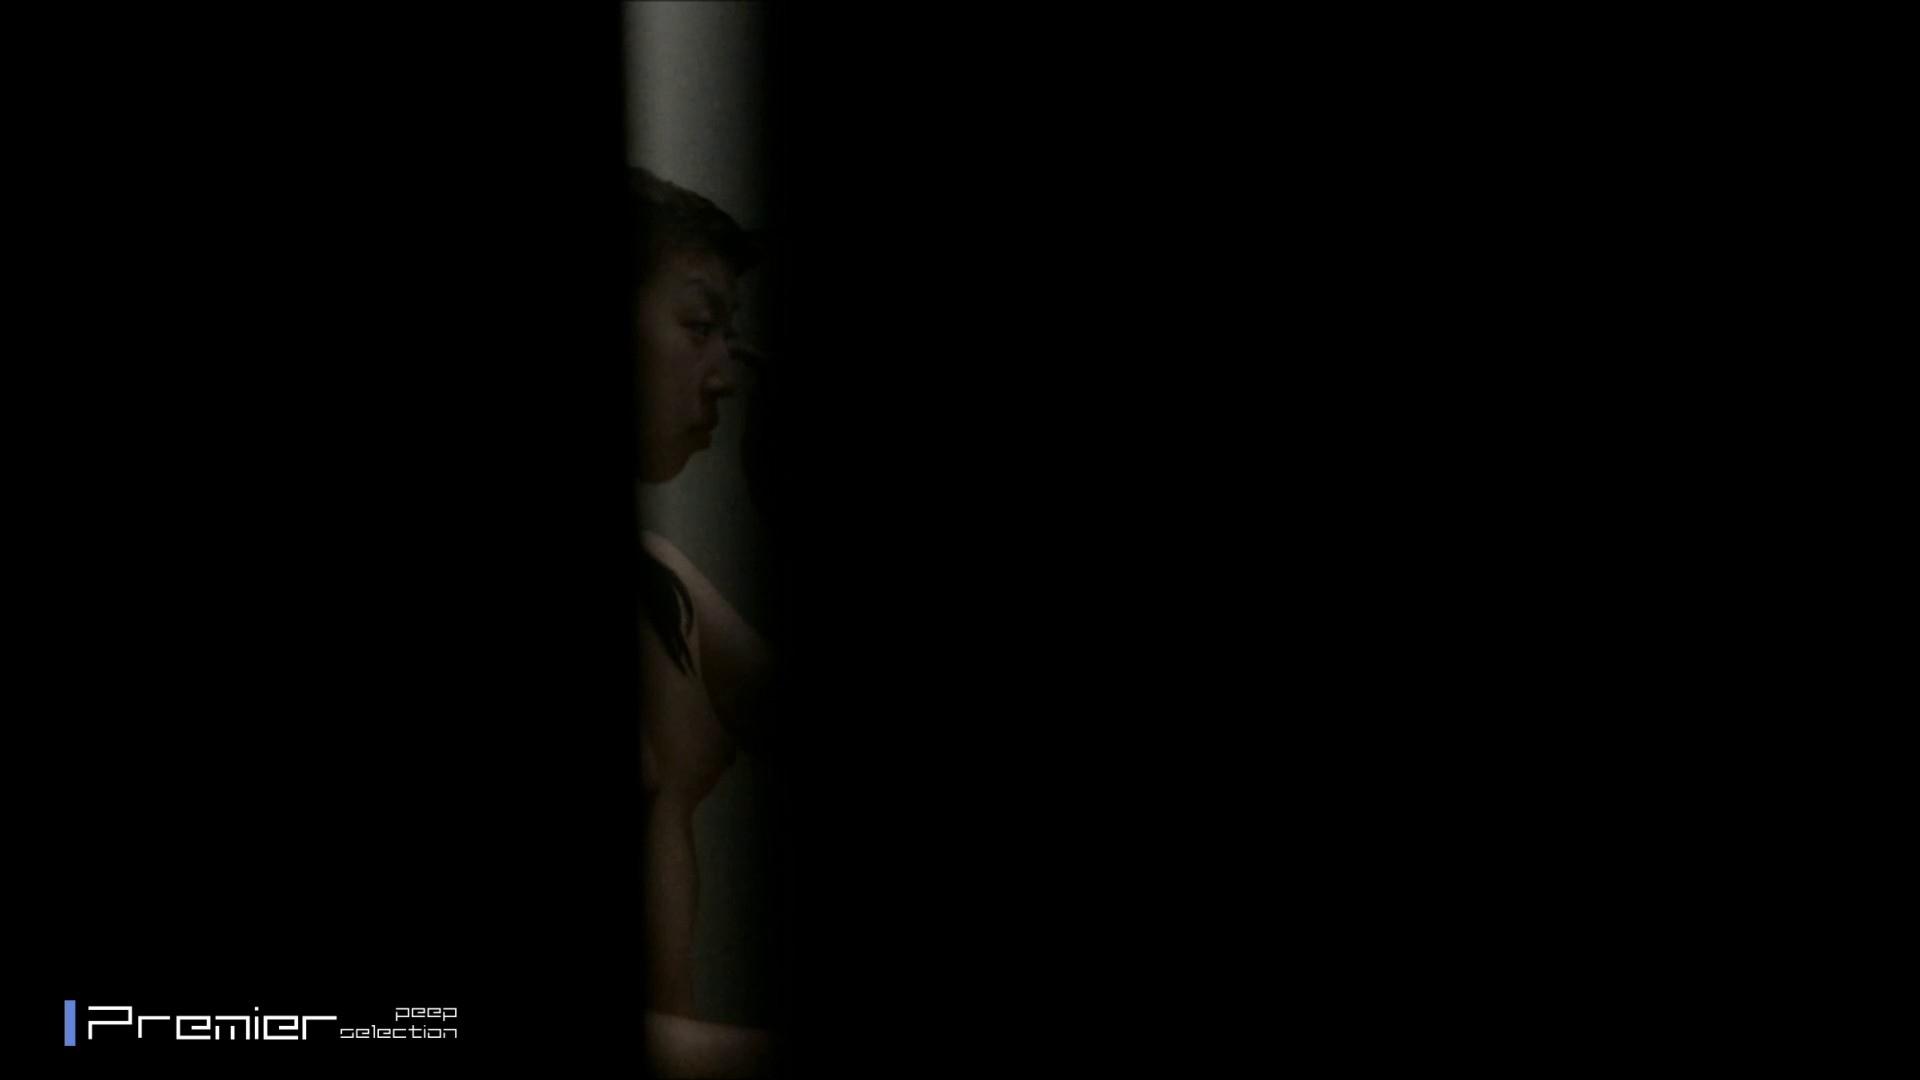 色白美乳の清楚な黒髪 乙女の風呂場 Vol.24 美肌 オマンコ動画キャプチャ 79画像 69